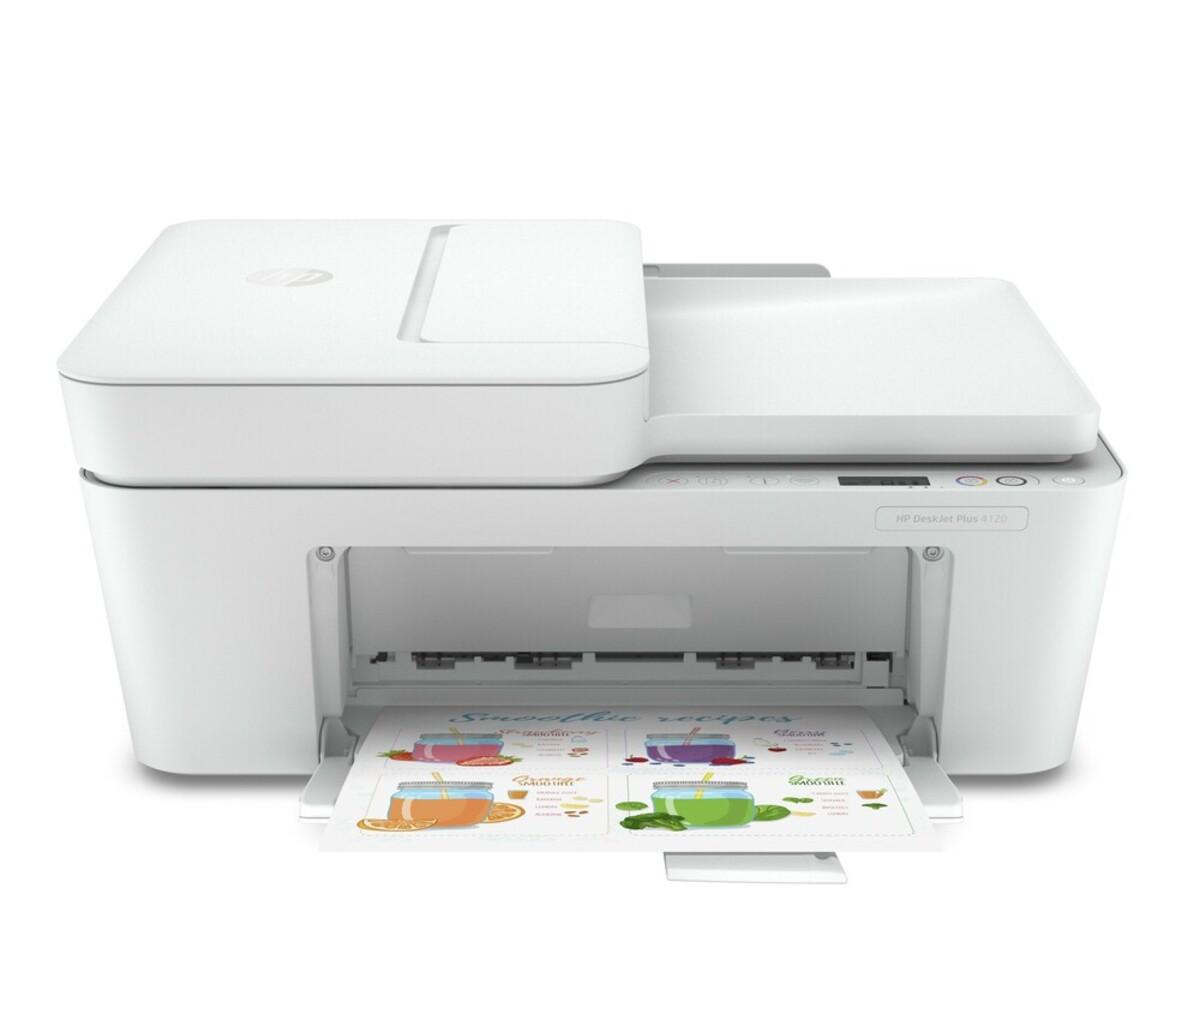 Bild 1 von DeskJet Plus 4120 weiß Multifunktionsdrucker